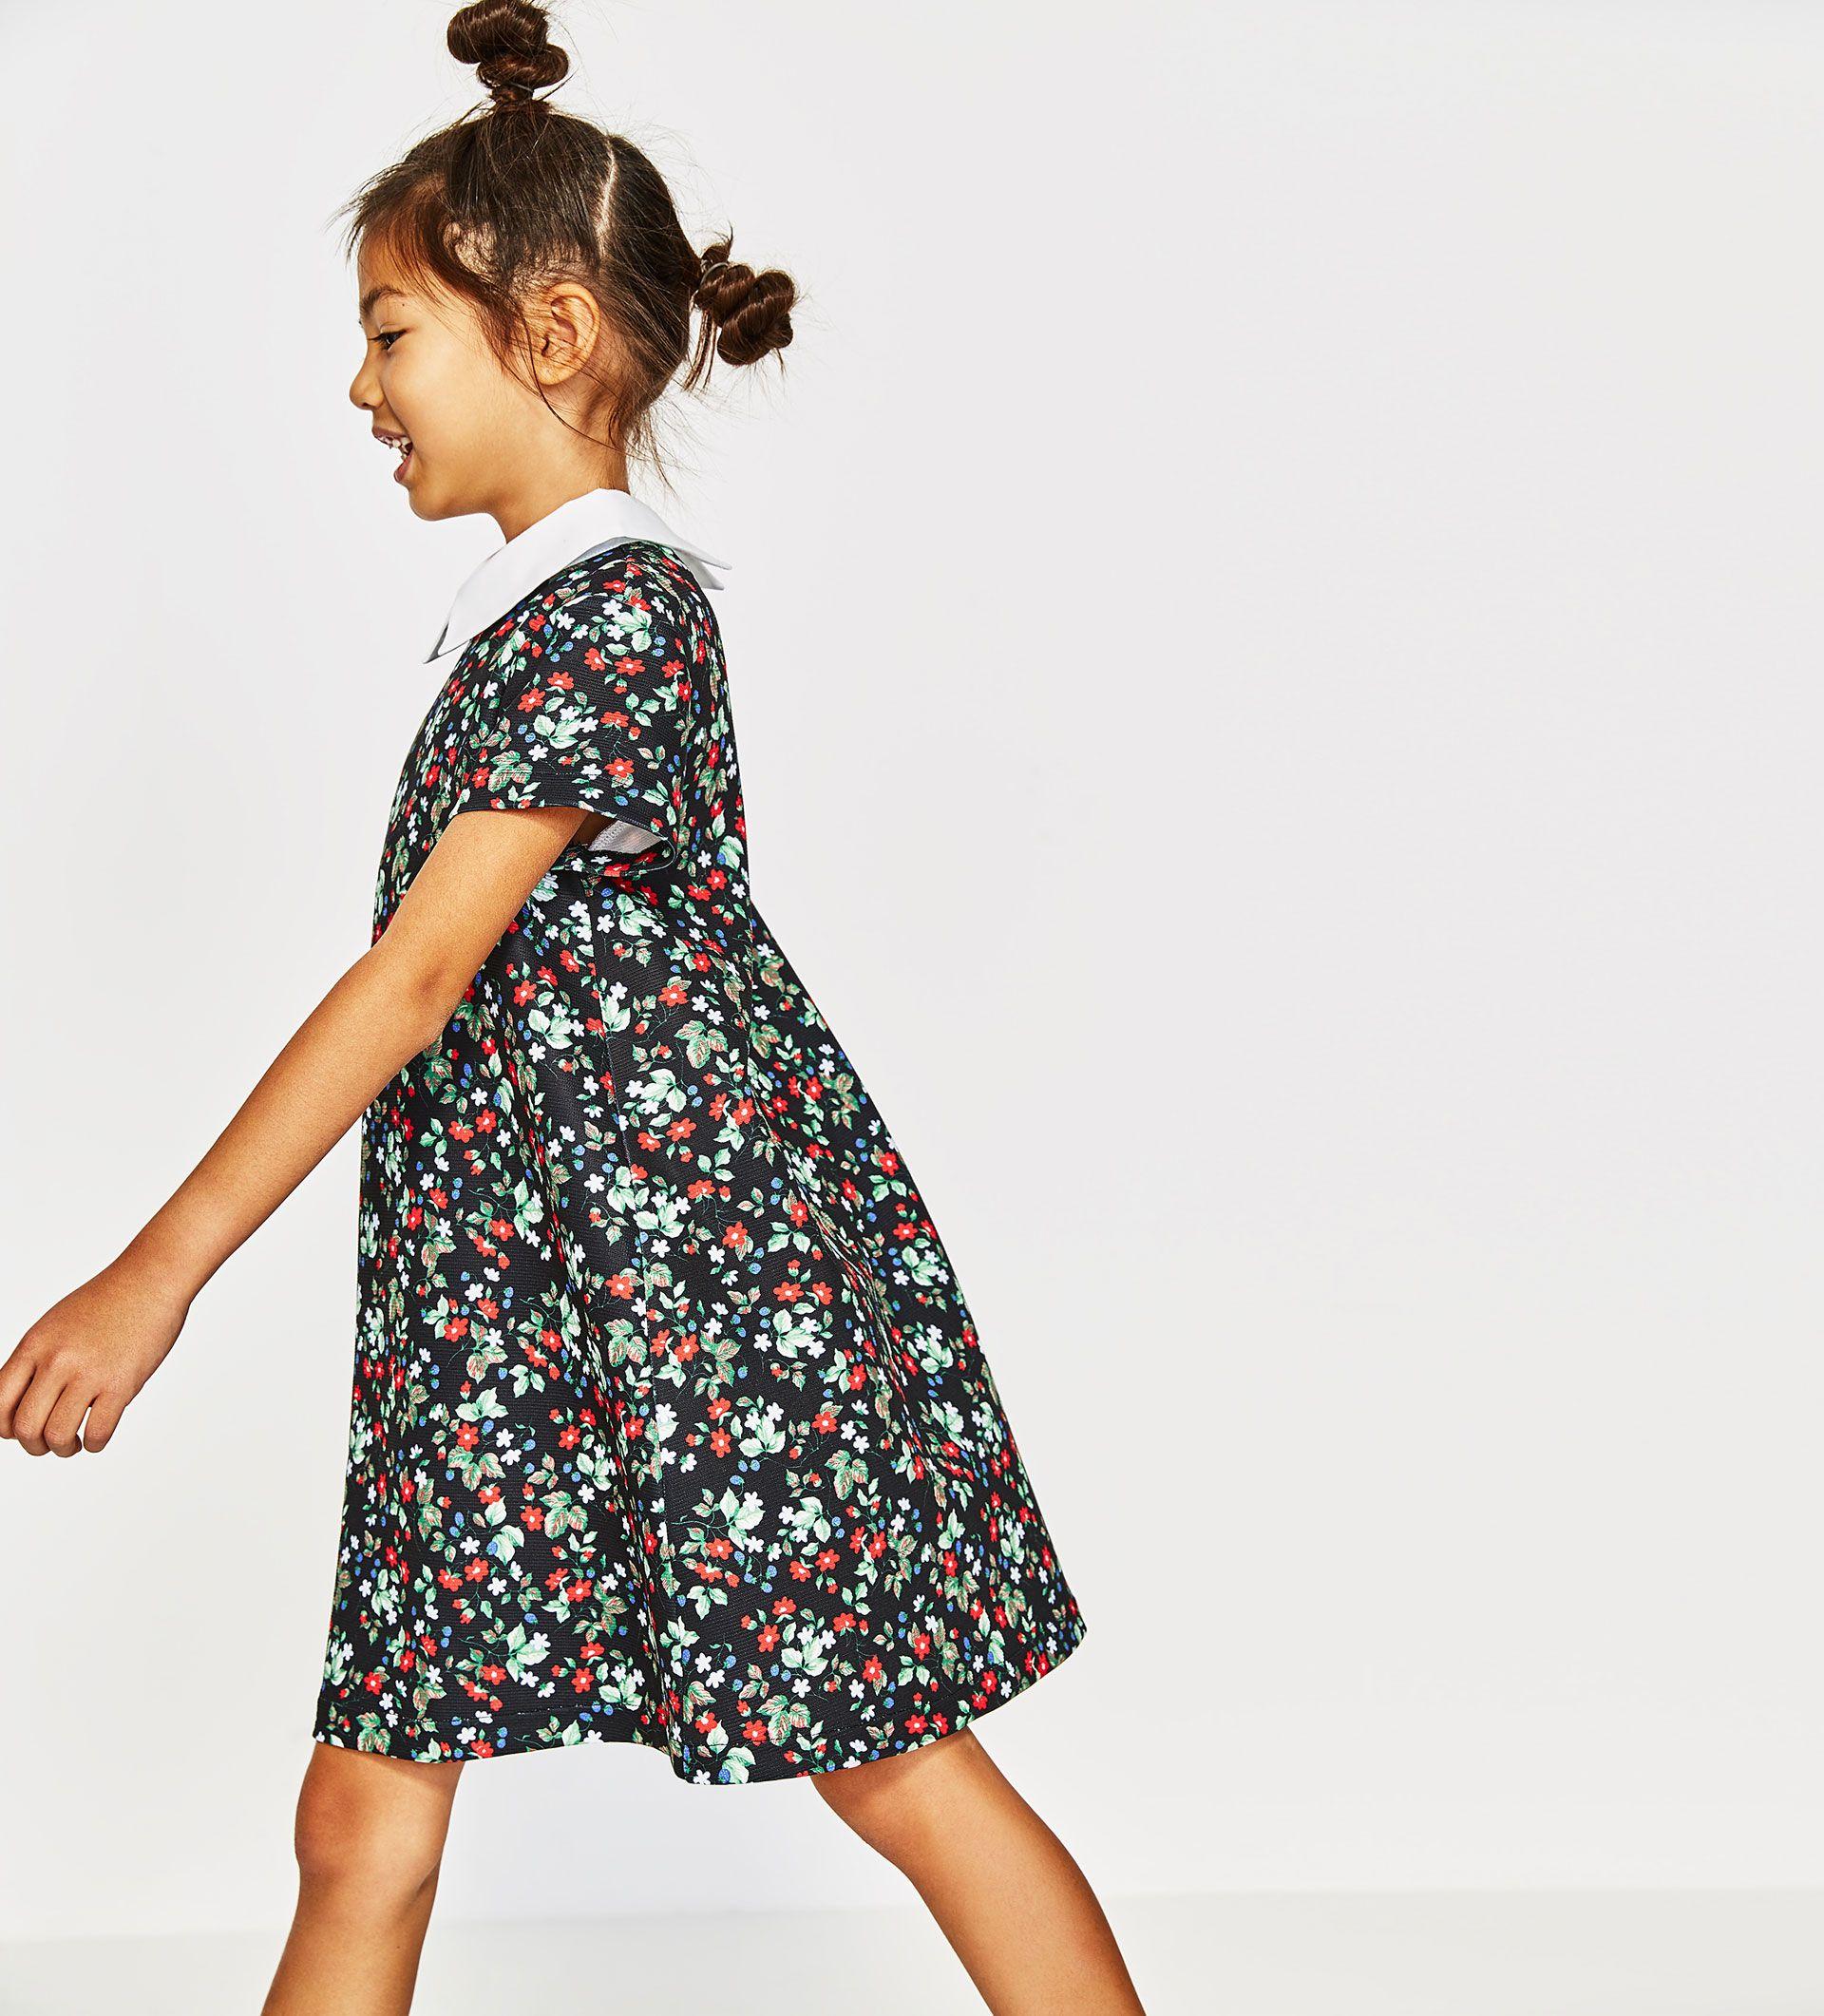 картинки девочек для детей